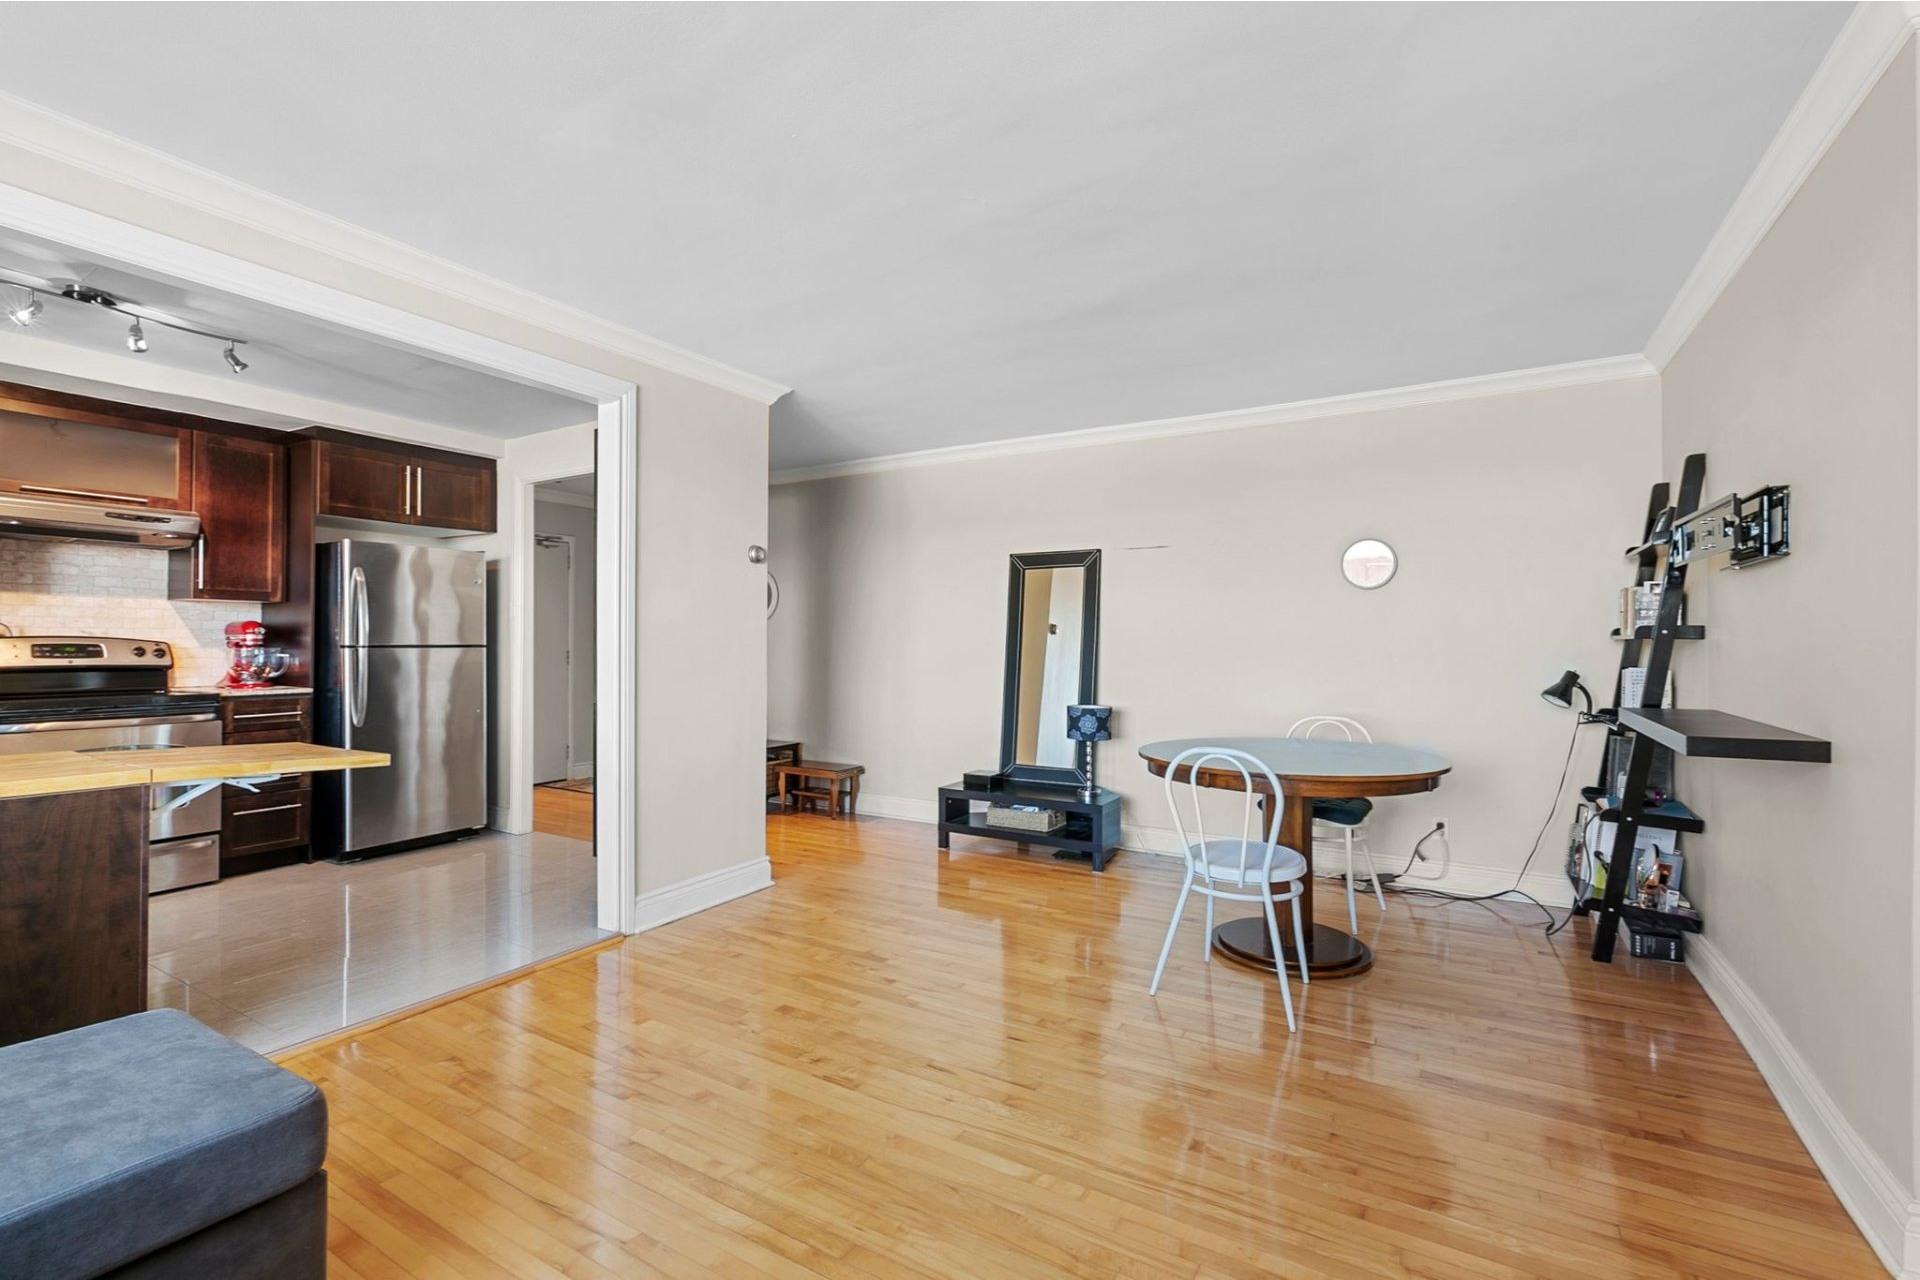 image 7 - Appartement À vendre Côte-des-Neiges/Notre-Dame-de-Grâce Montréal  - 4 pièces